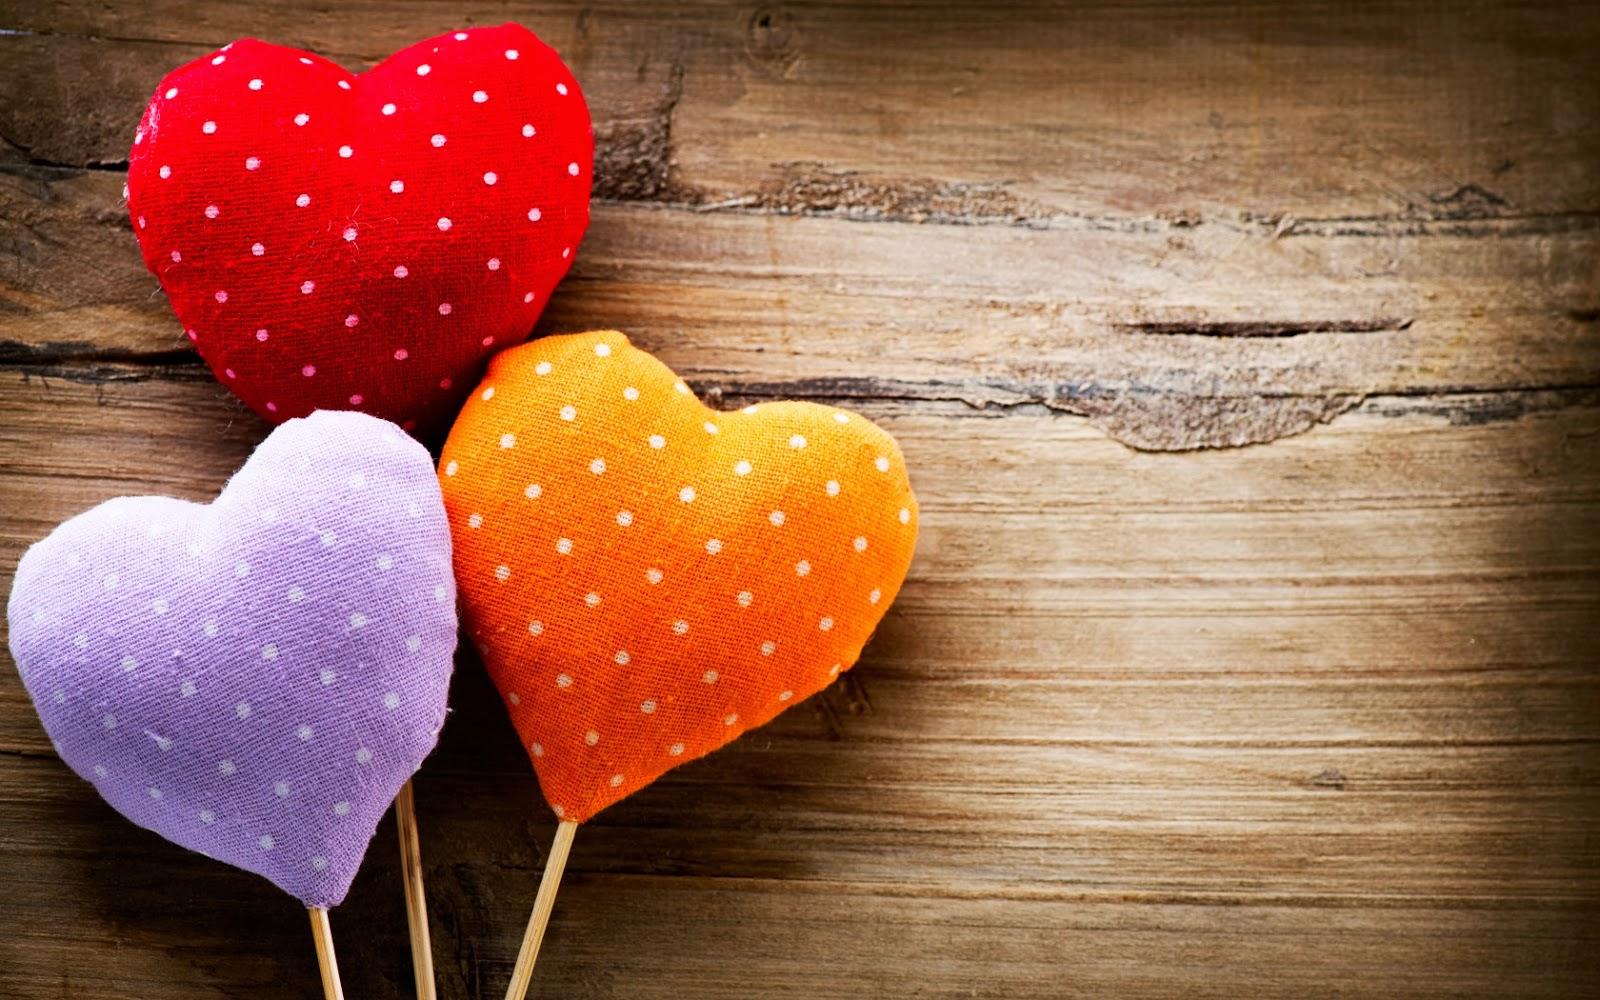 بالصور خلفيات رومانسية , الحب في خلفيه هاتفك 1350 2